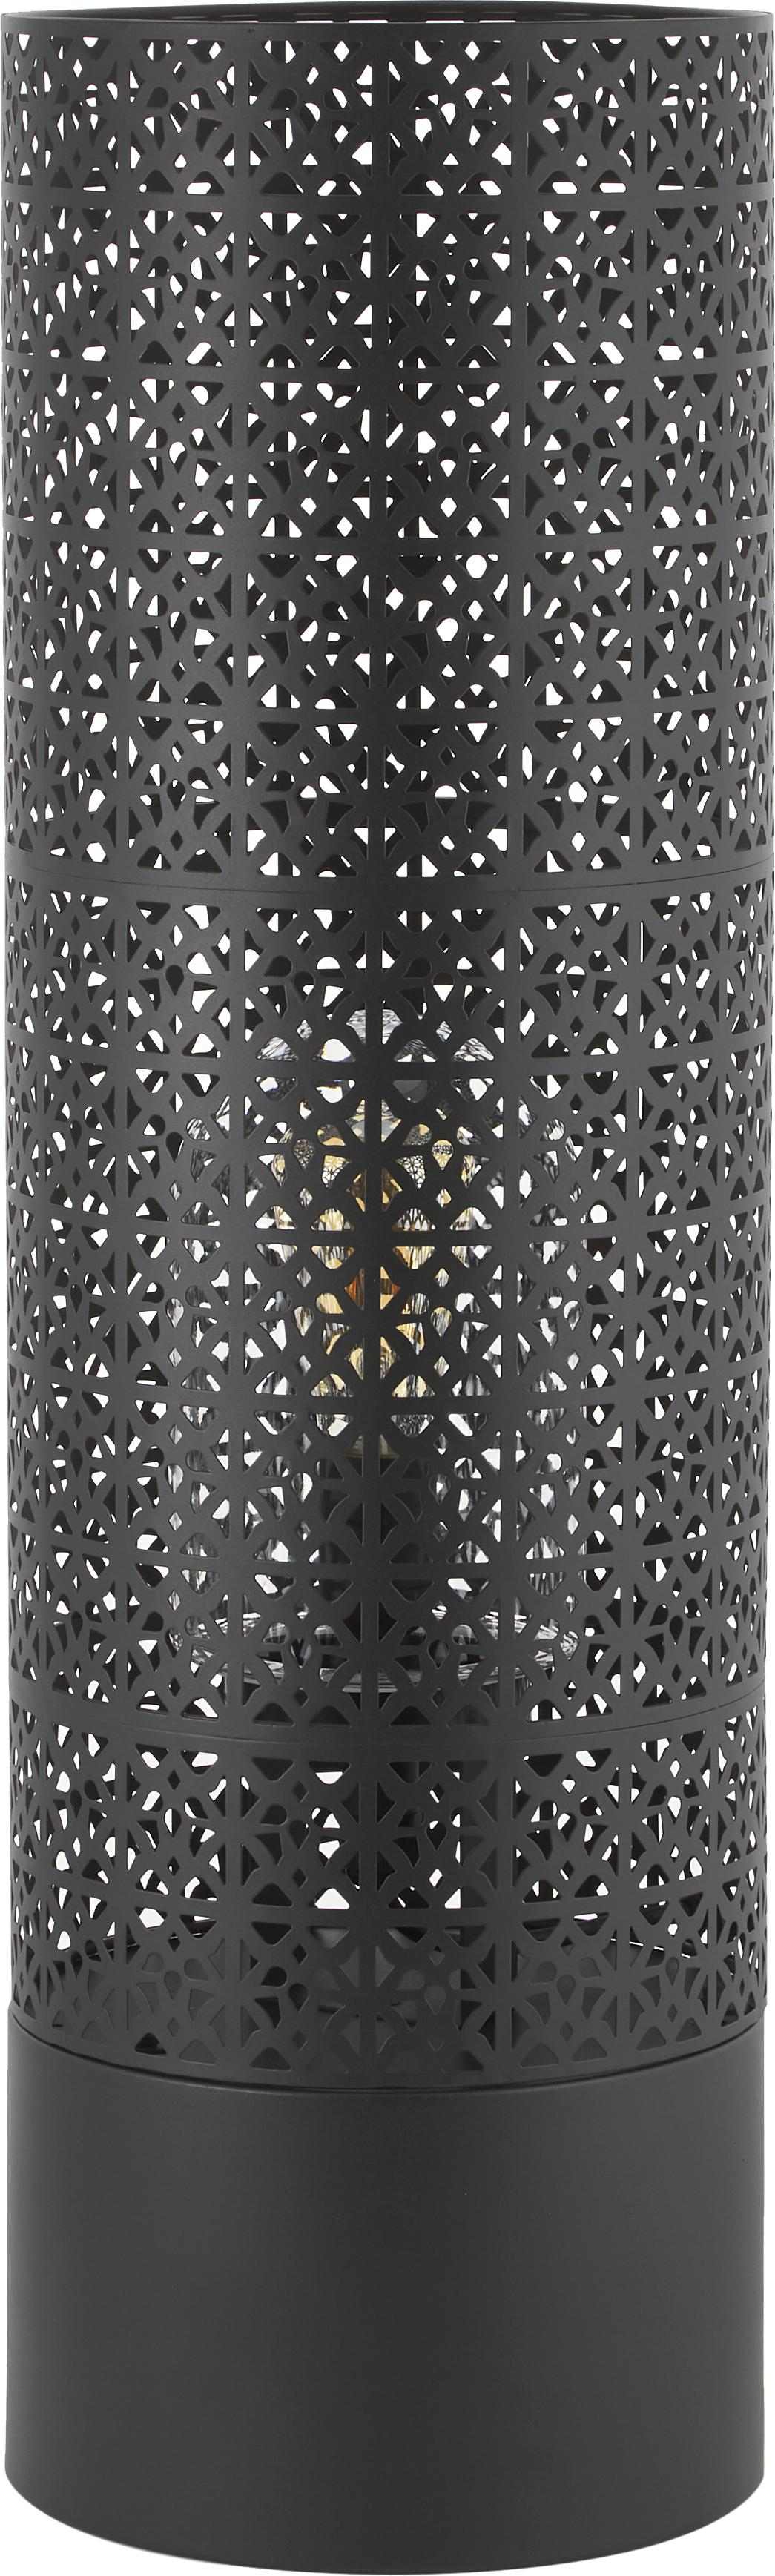 Boho outdoor vloerlamp Maison, Lamp: gepoedercoat metaal, Diffuser: glas, Zwart, Ø 24 x H 78 cm